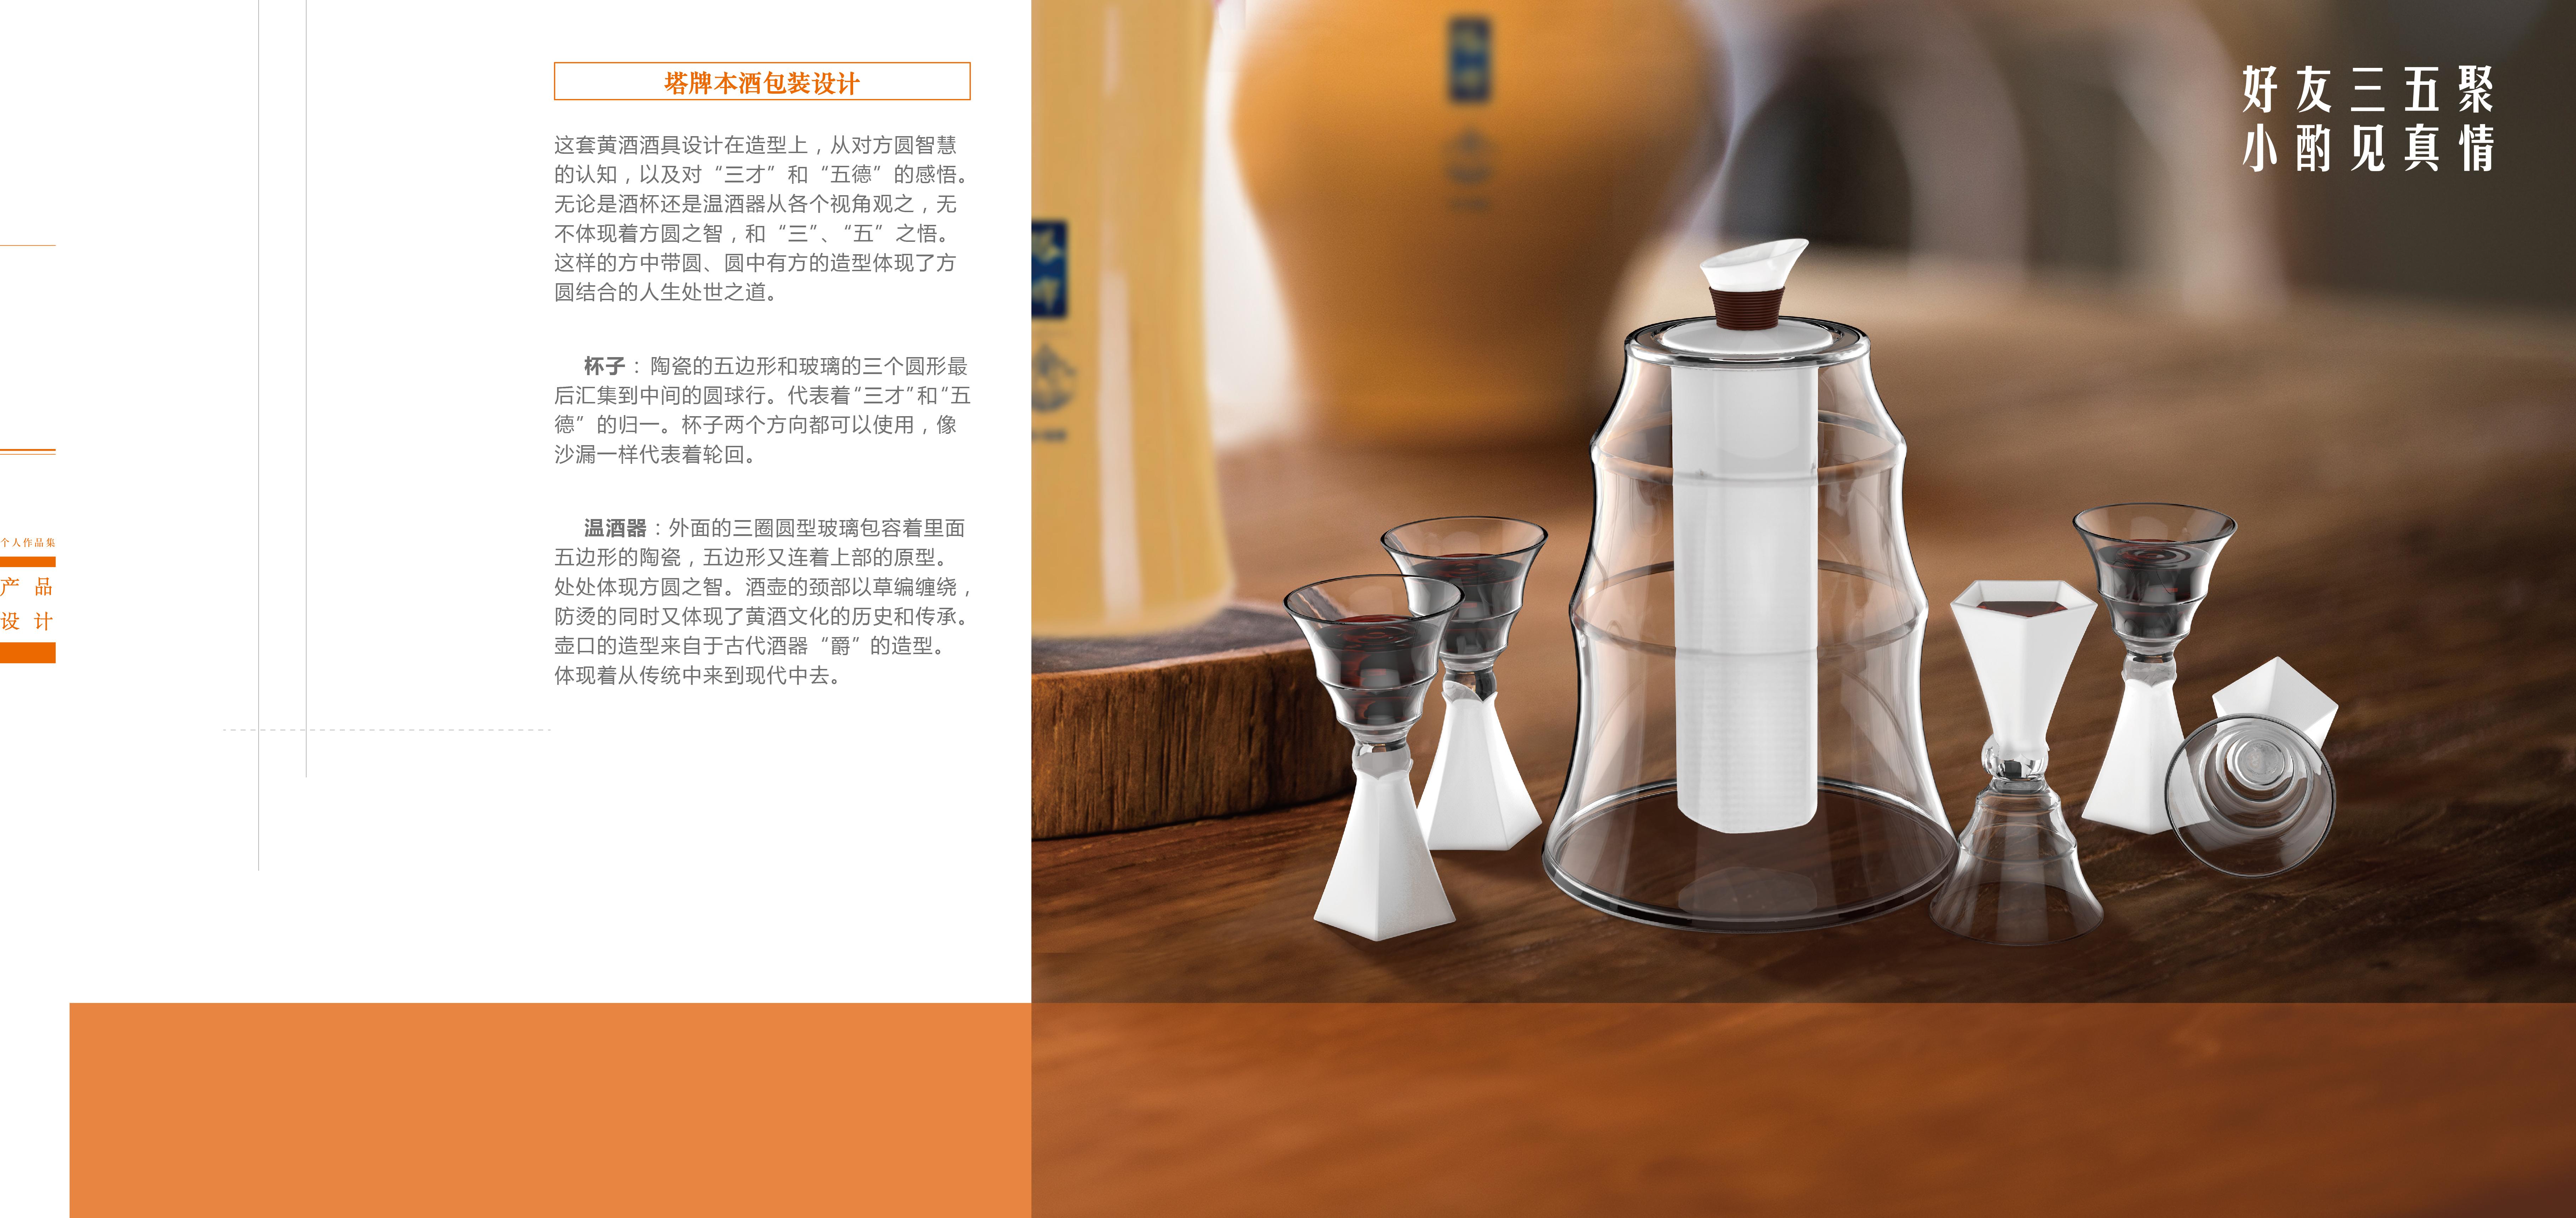 黄威/作品集/产品设计图片